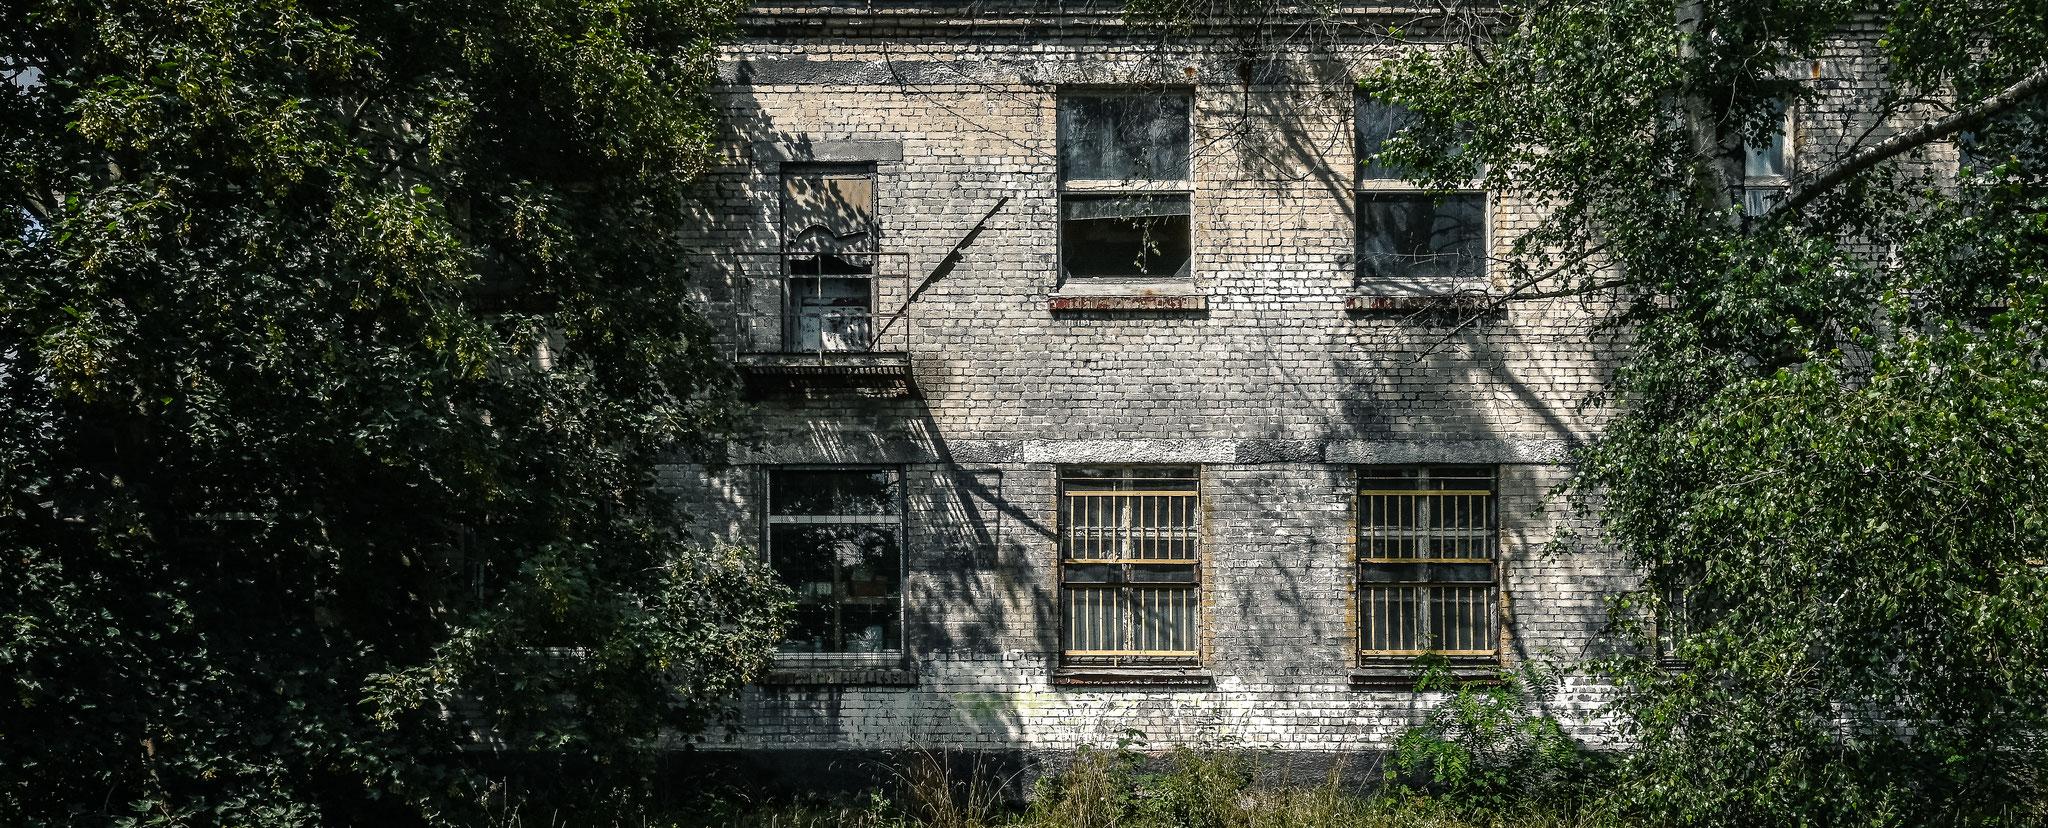 Die Fenster der alten Garnisonsgebäude sind vergittert